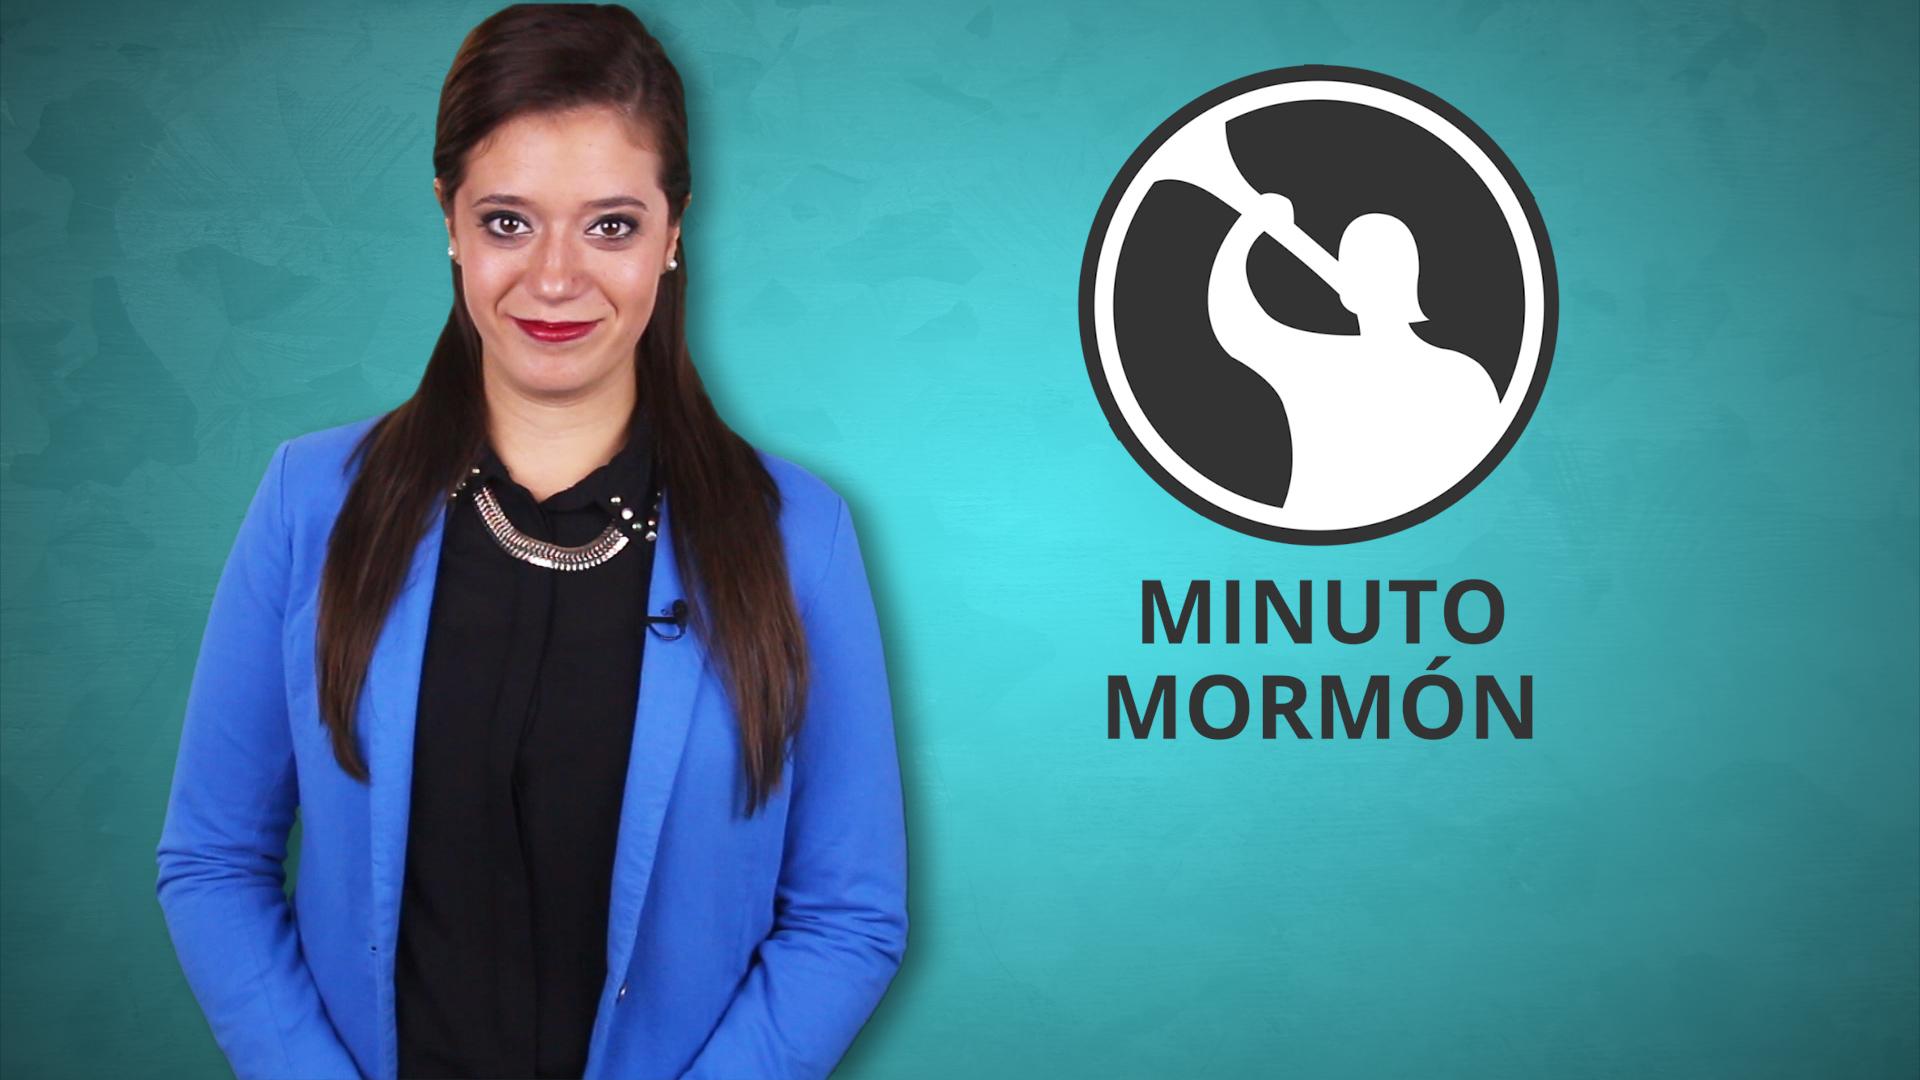 Noticias mormonas con el Minuto Mormón de la semana